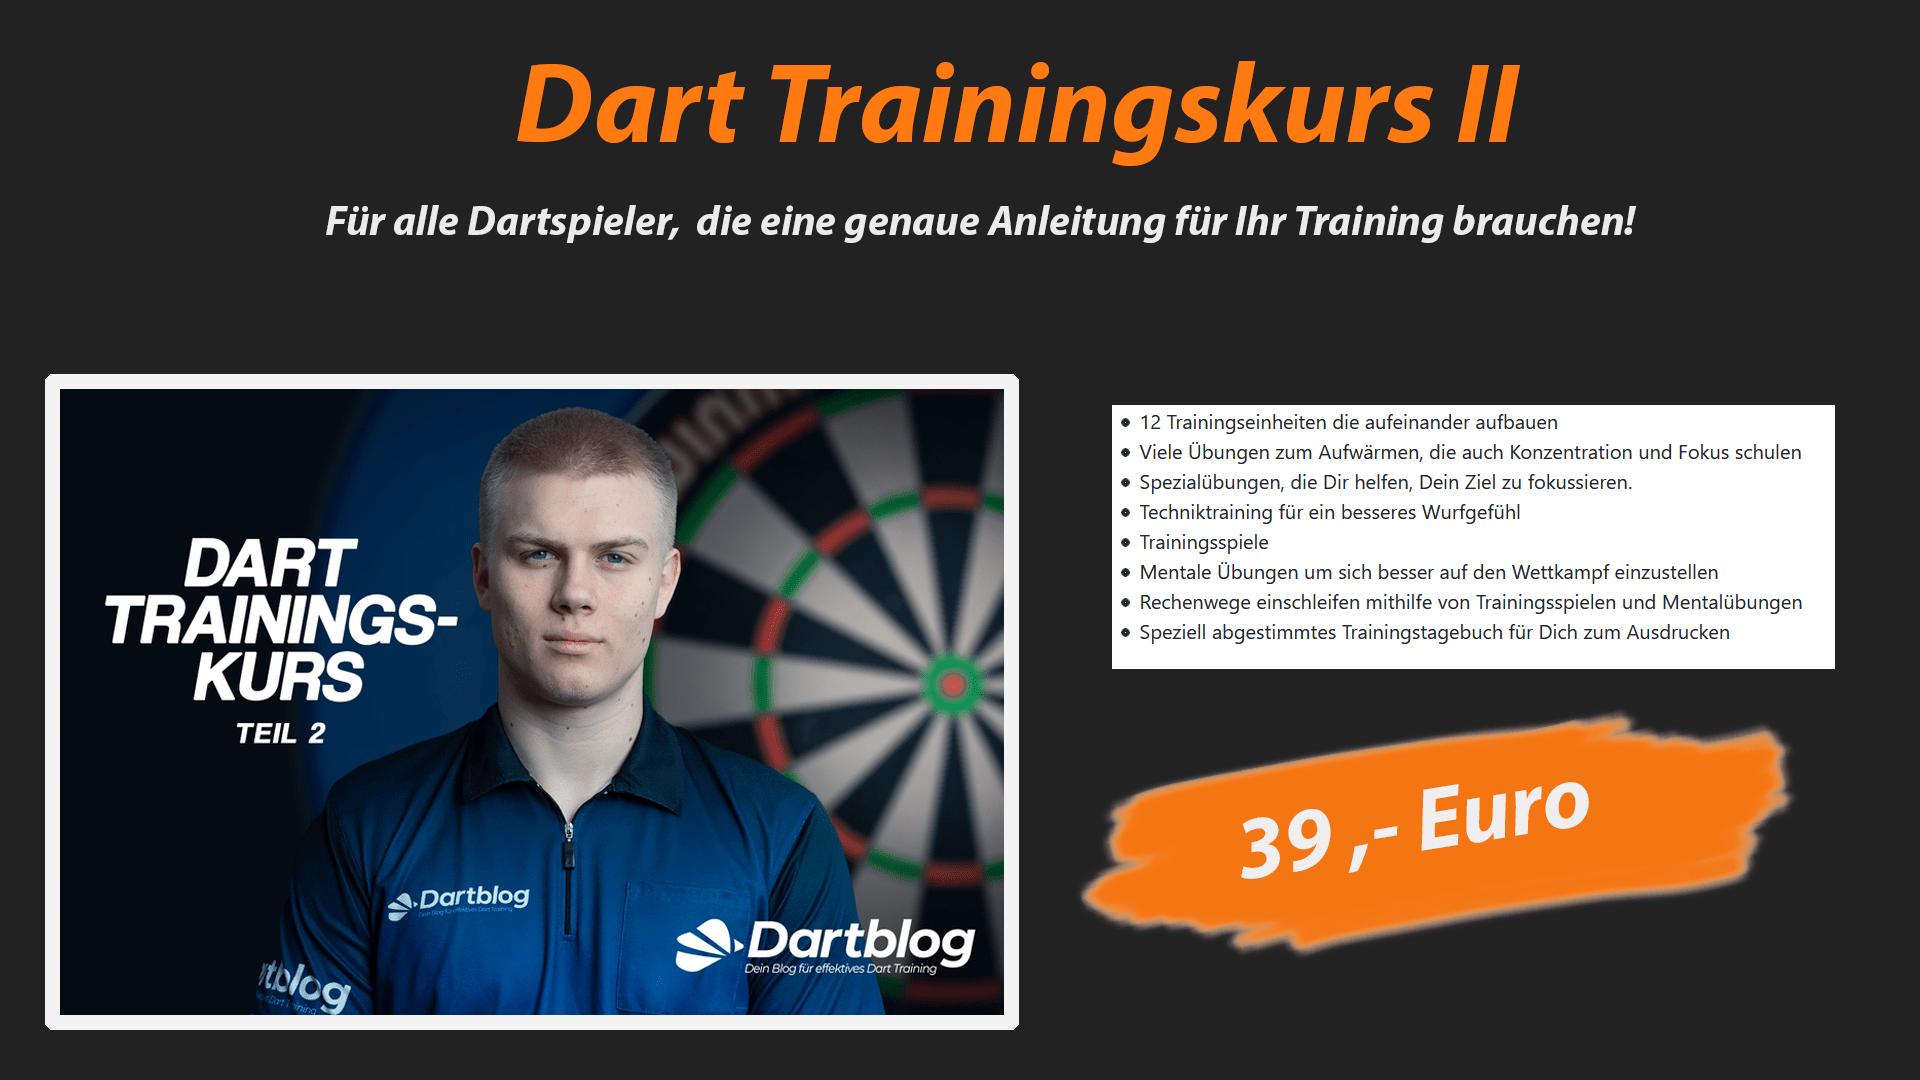 Dart Trainingskurs 2